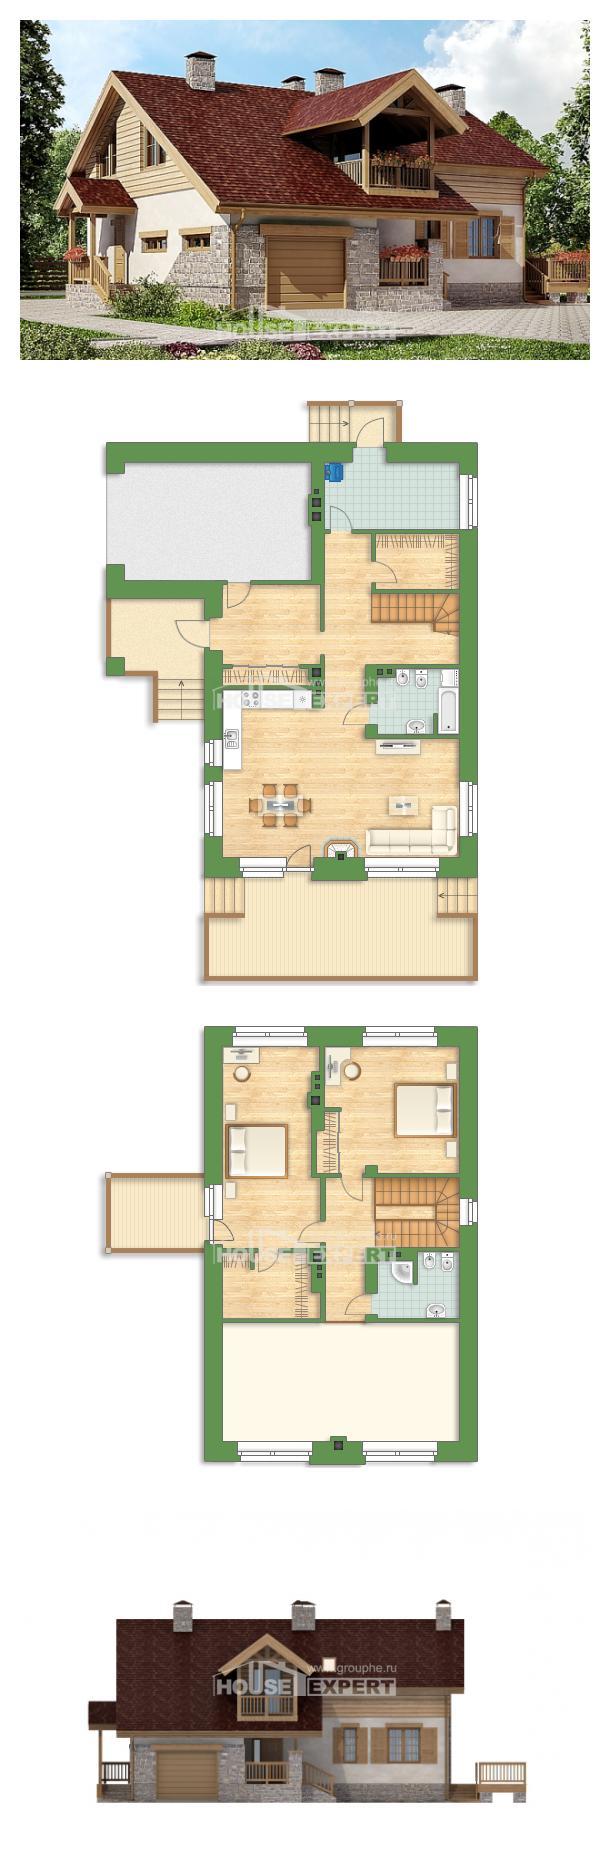 Plan 165-002-R | House Expert